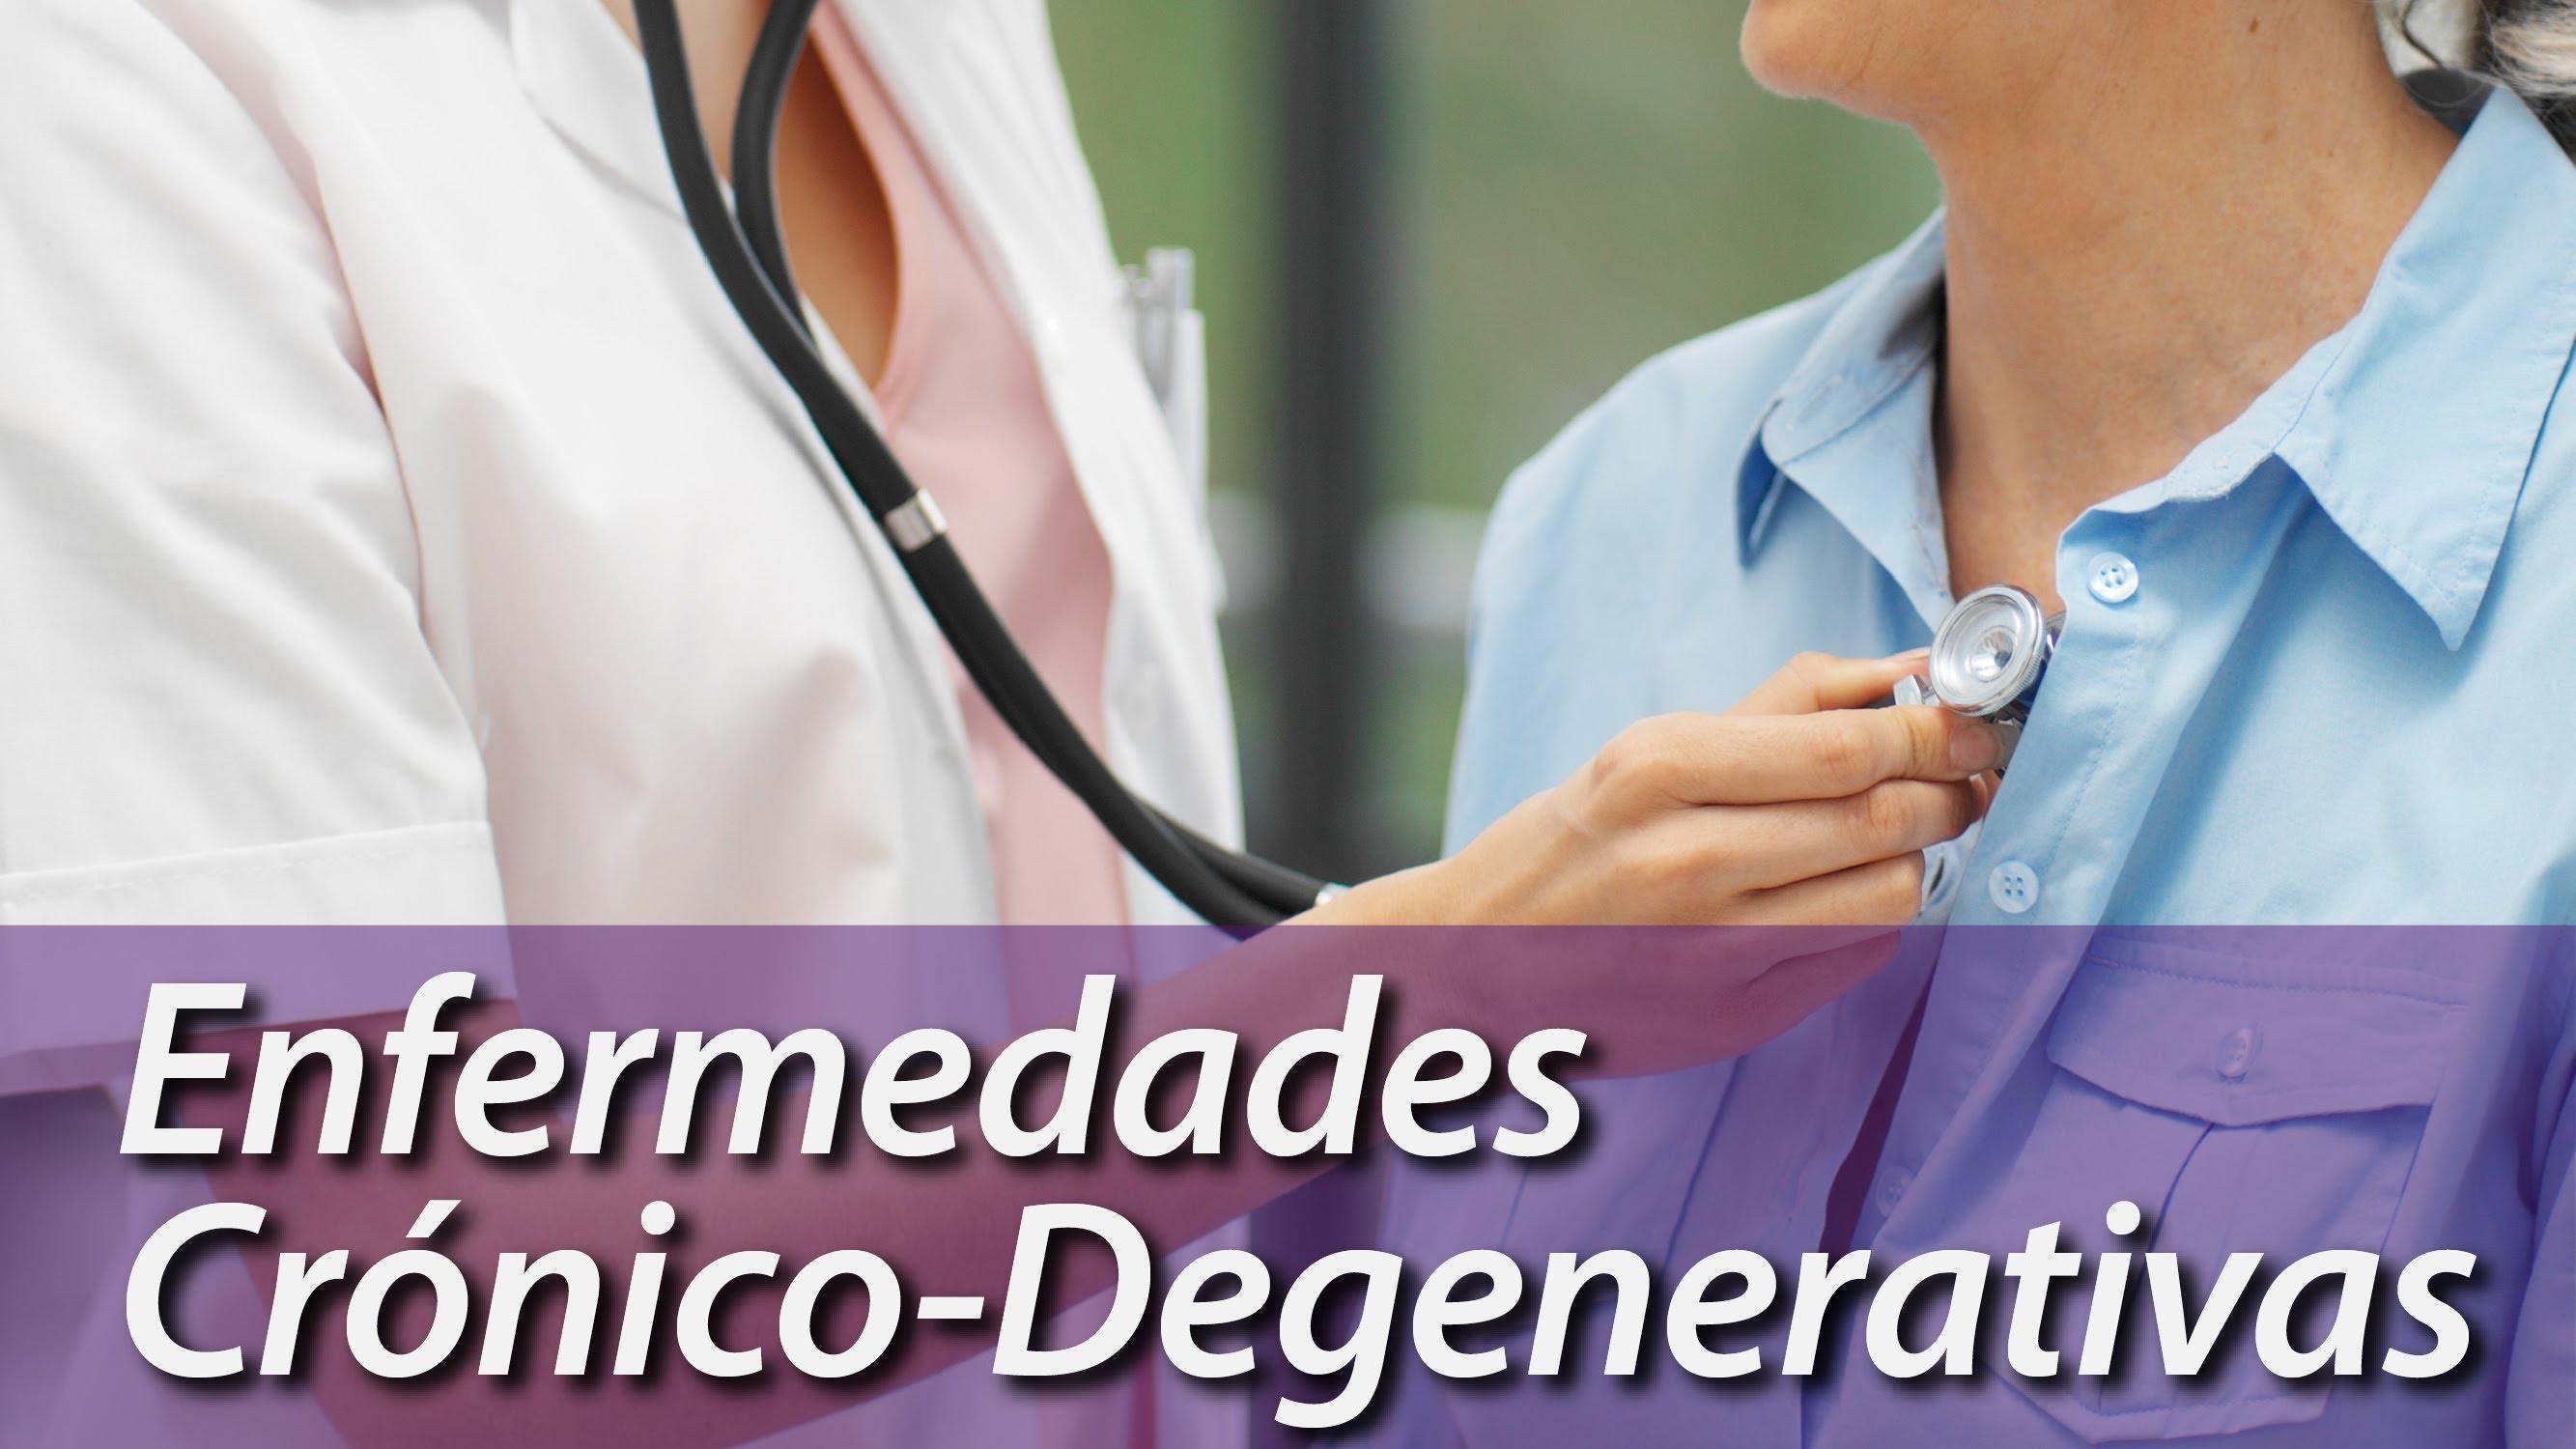 enfermedades crónicas degenerativas